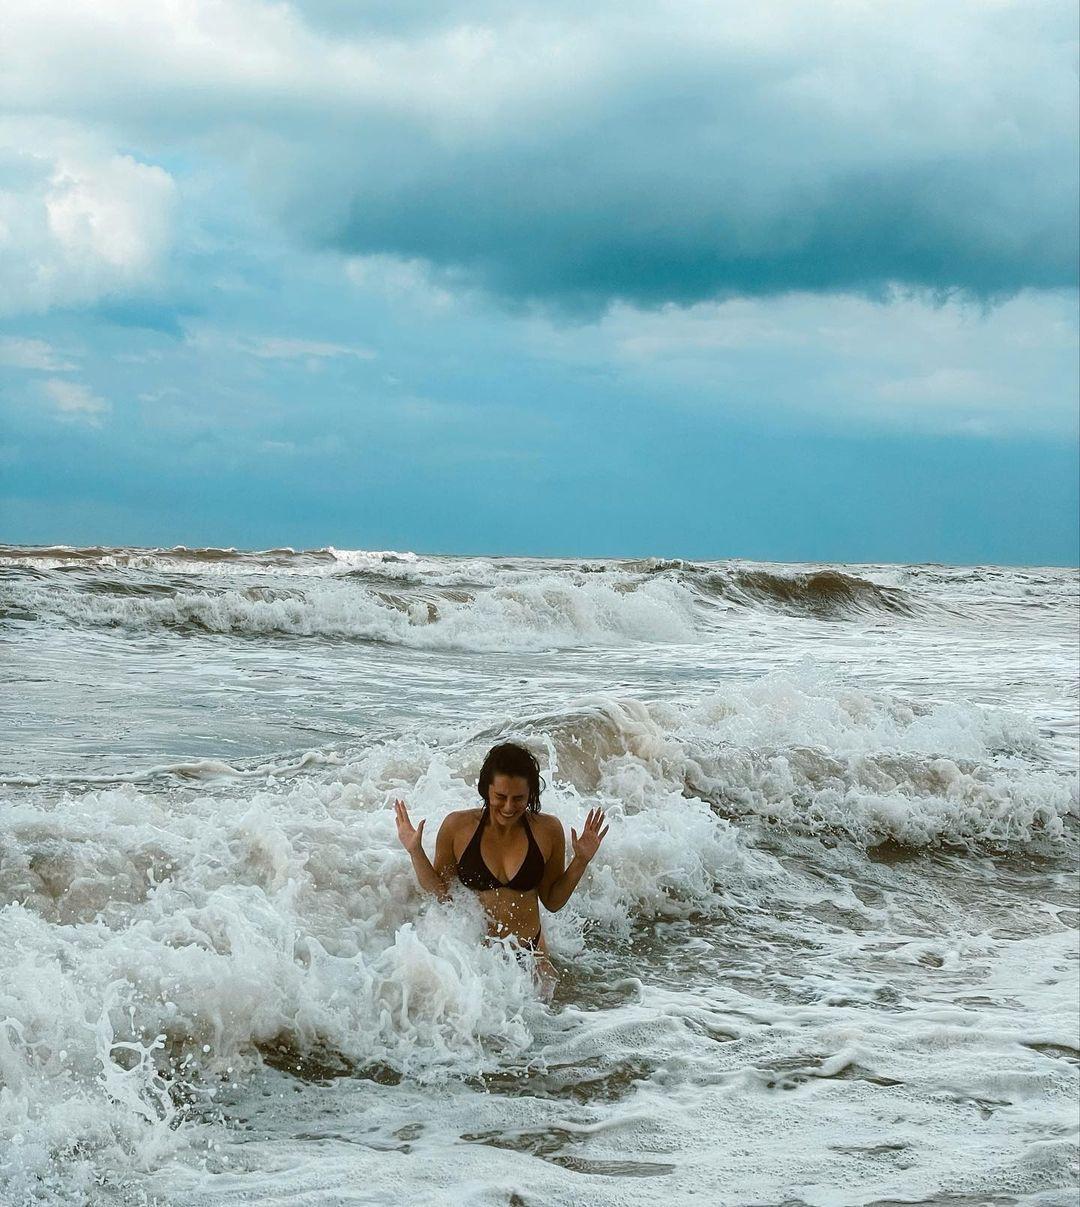 Hande Doğandemir bikinili pozlarıyla sosyal medyayı salladı